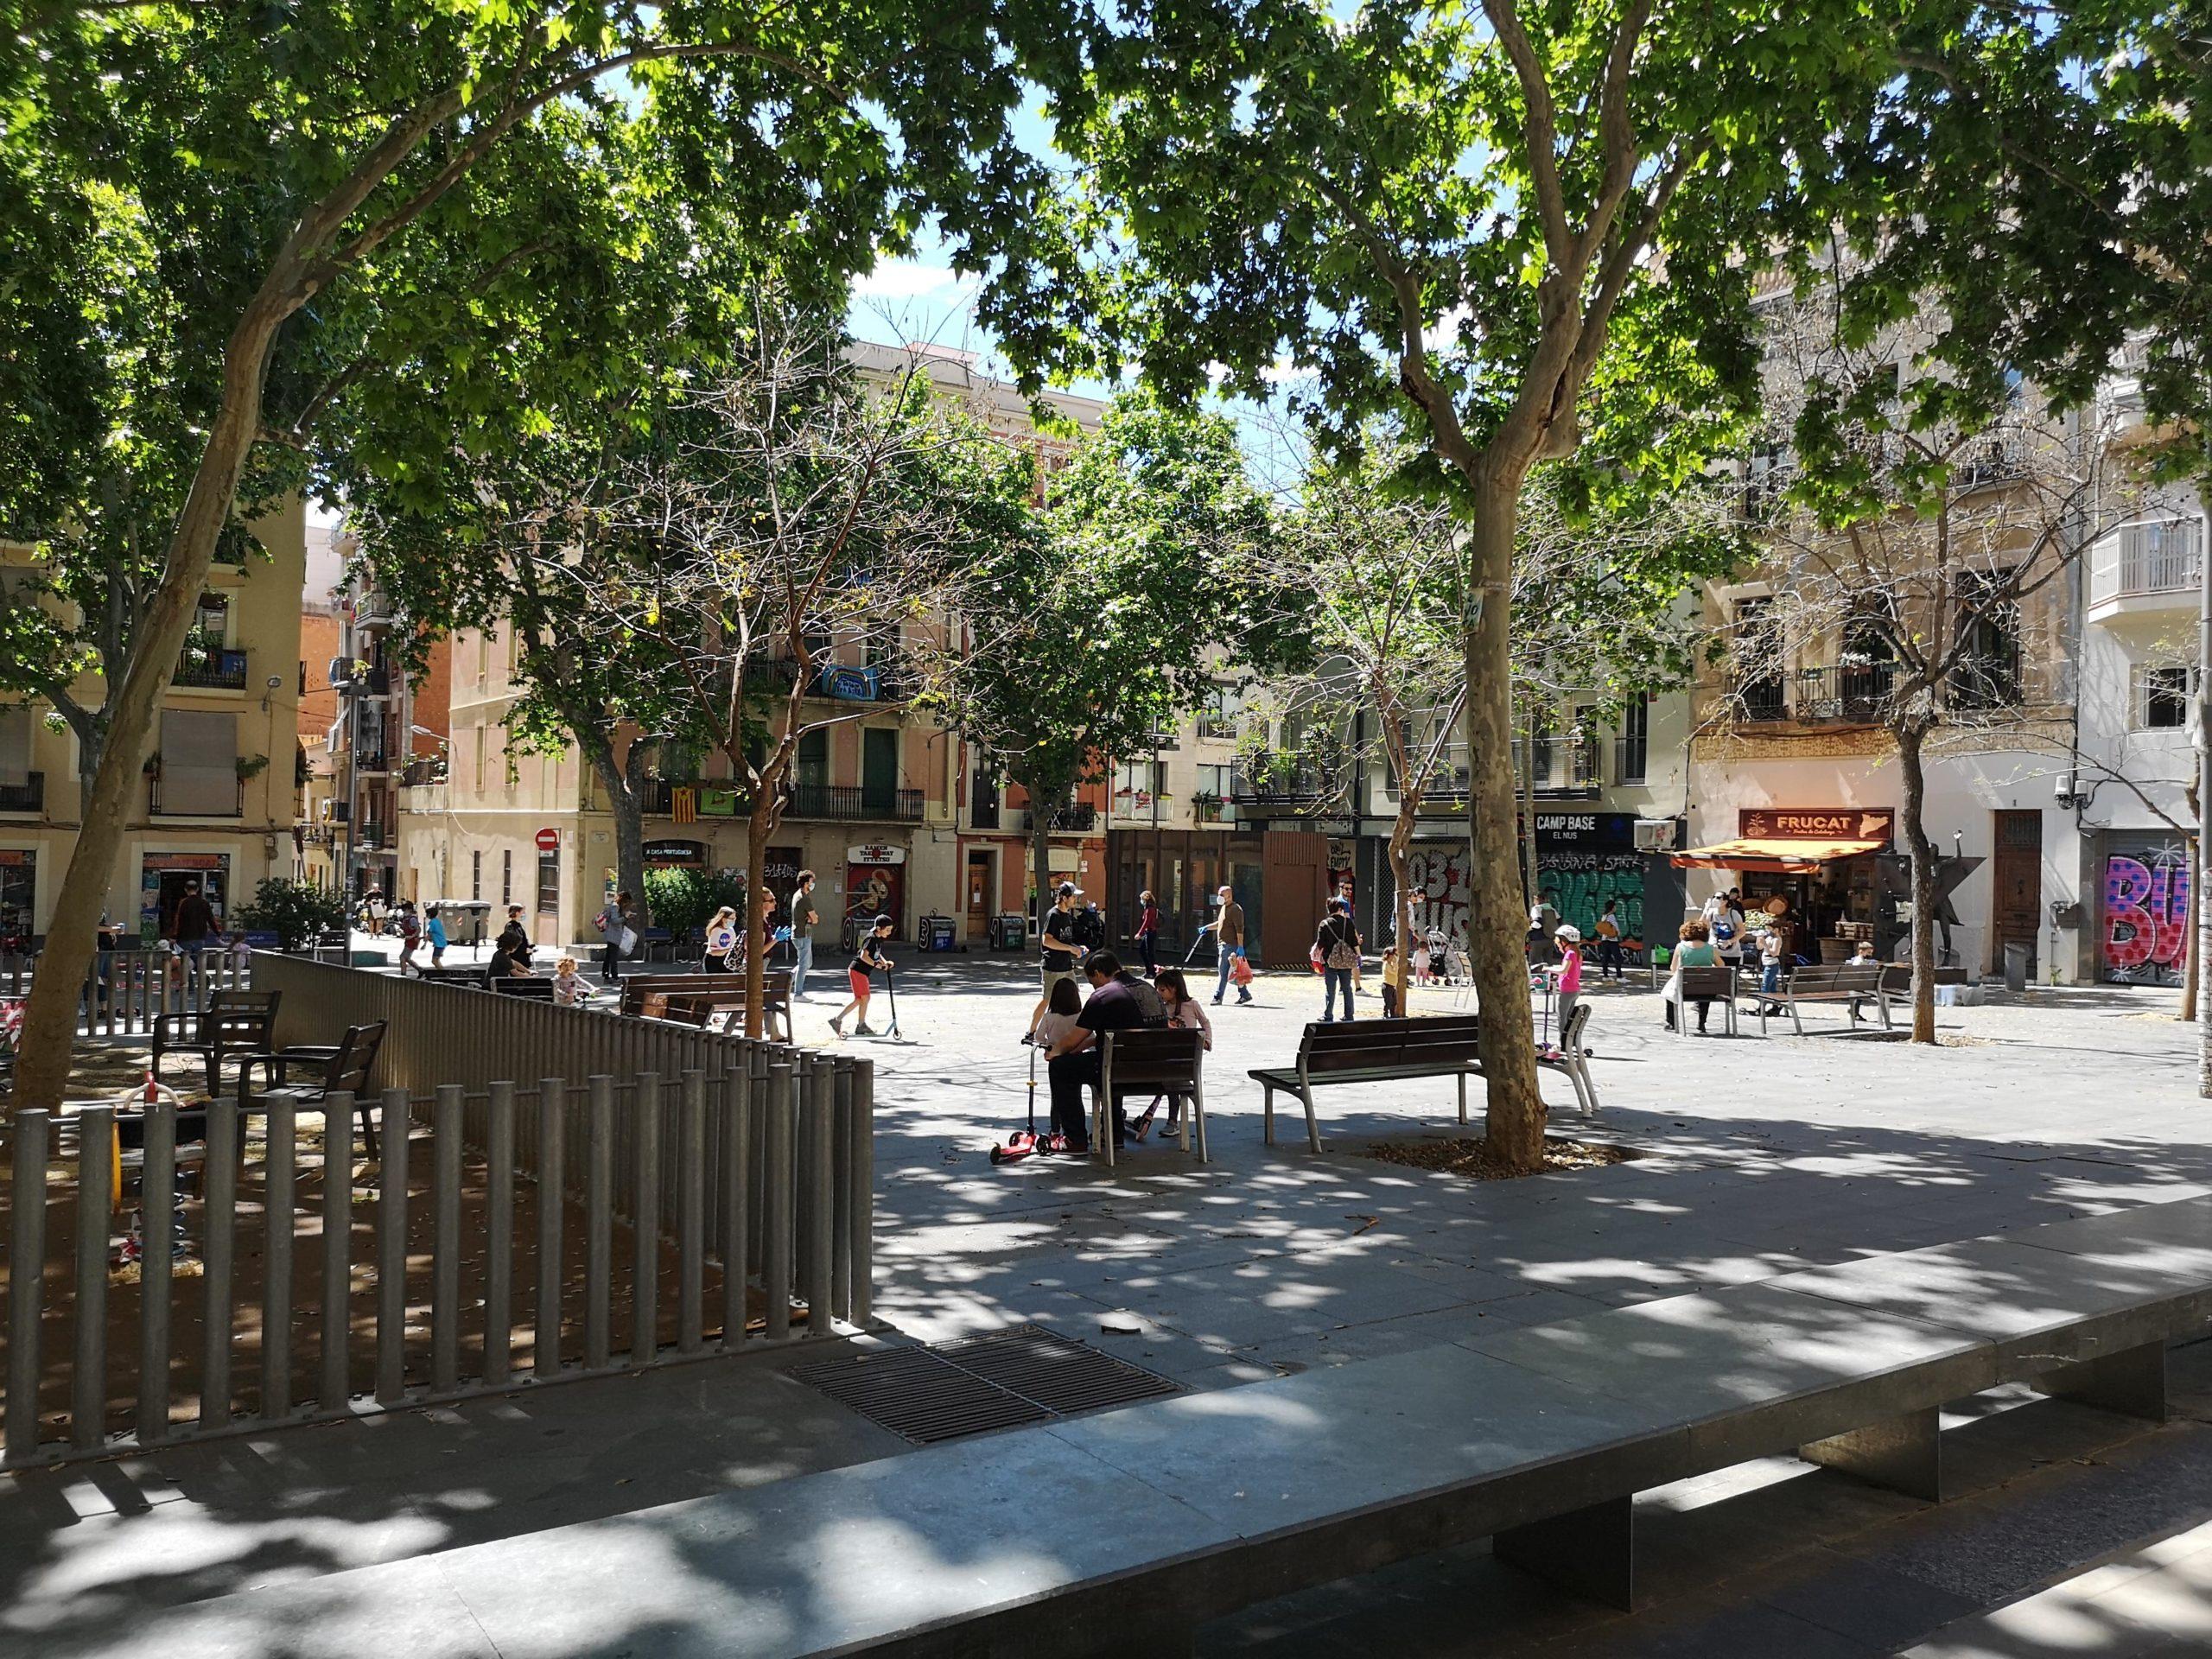 La plaça del Diamant, l'espai amb més concentració de gent pel centre de Gràcia / D.C.